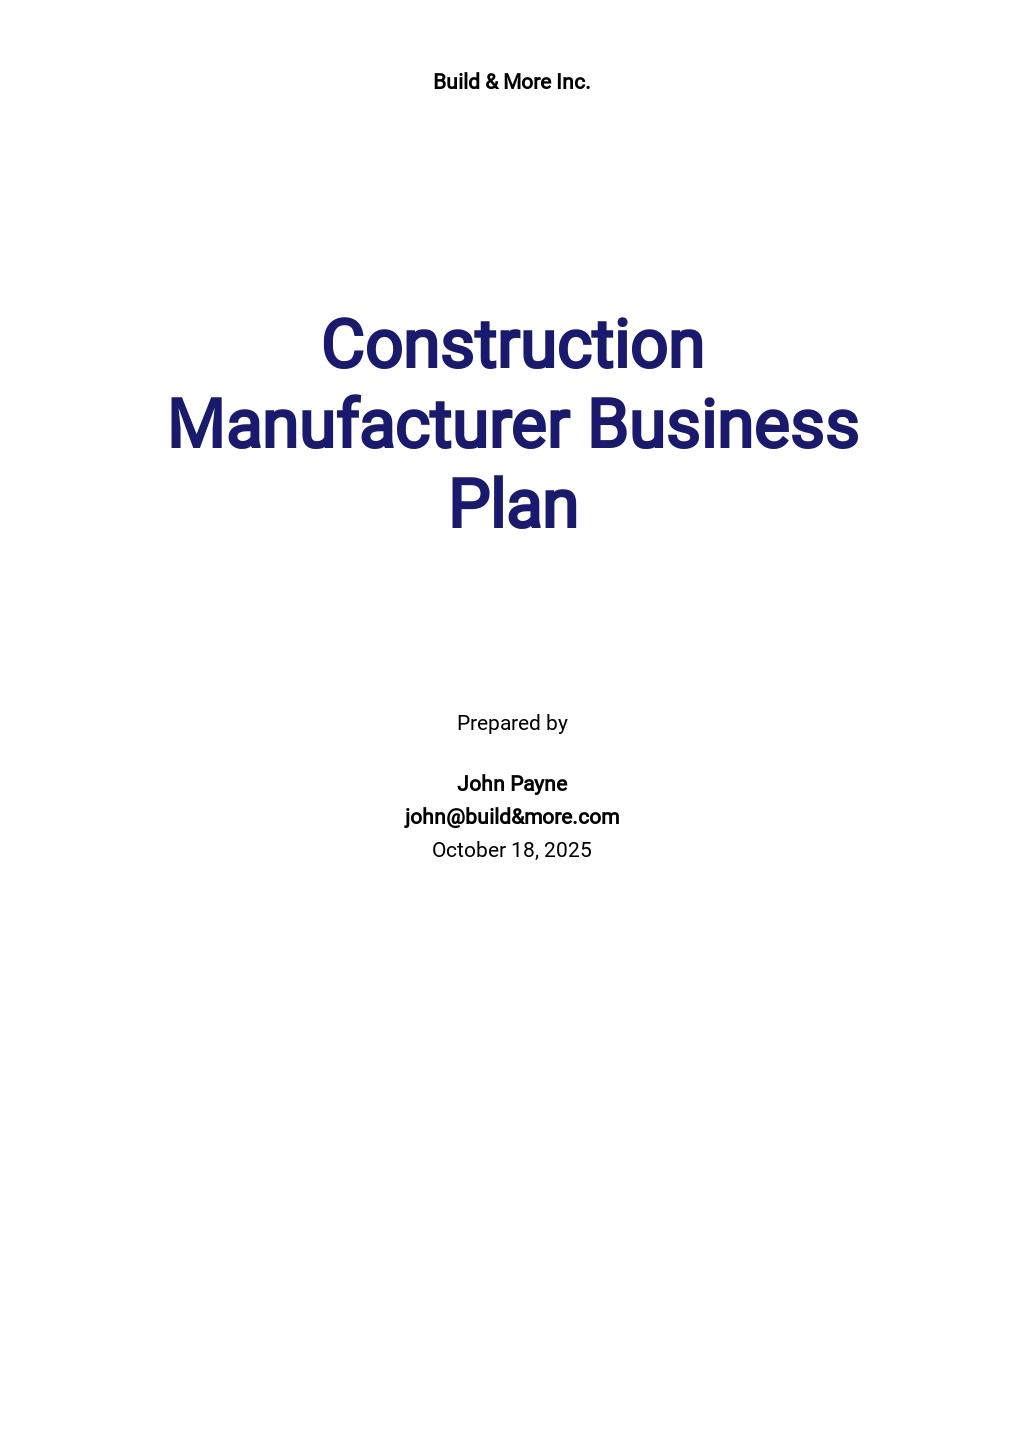 Construction Manufacturer Business Plan Template.jpe